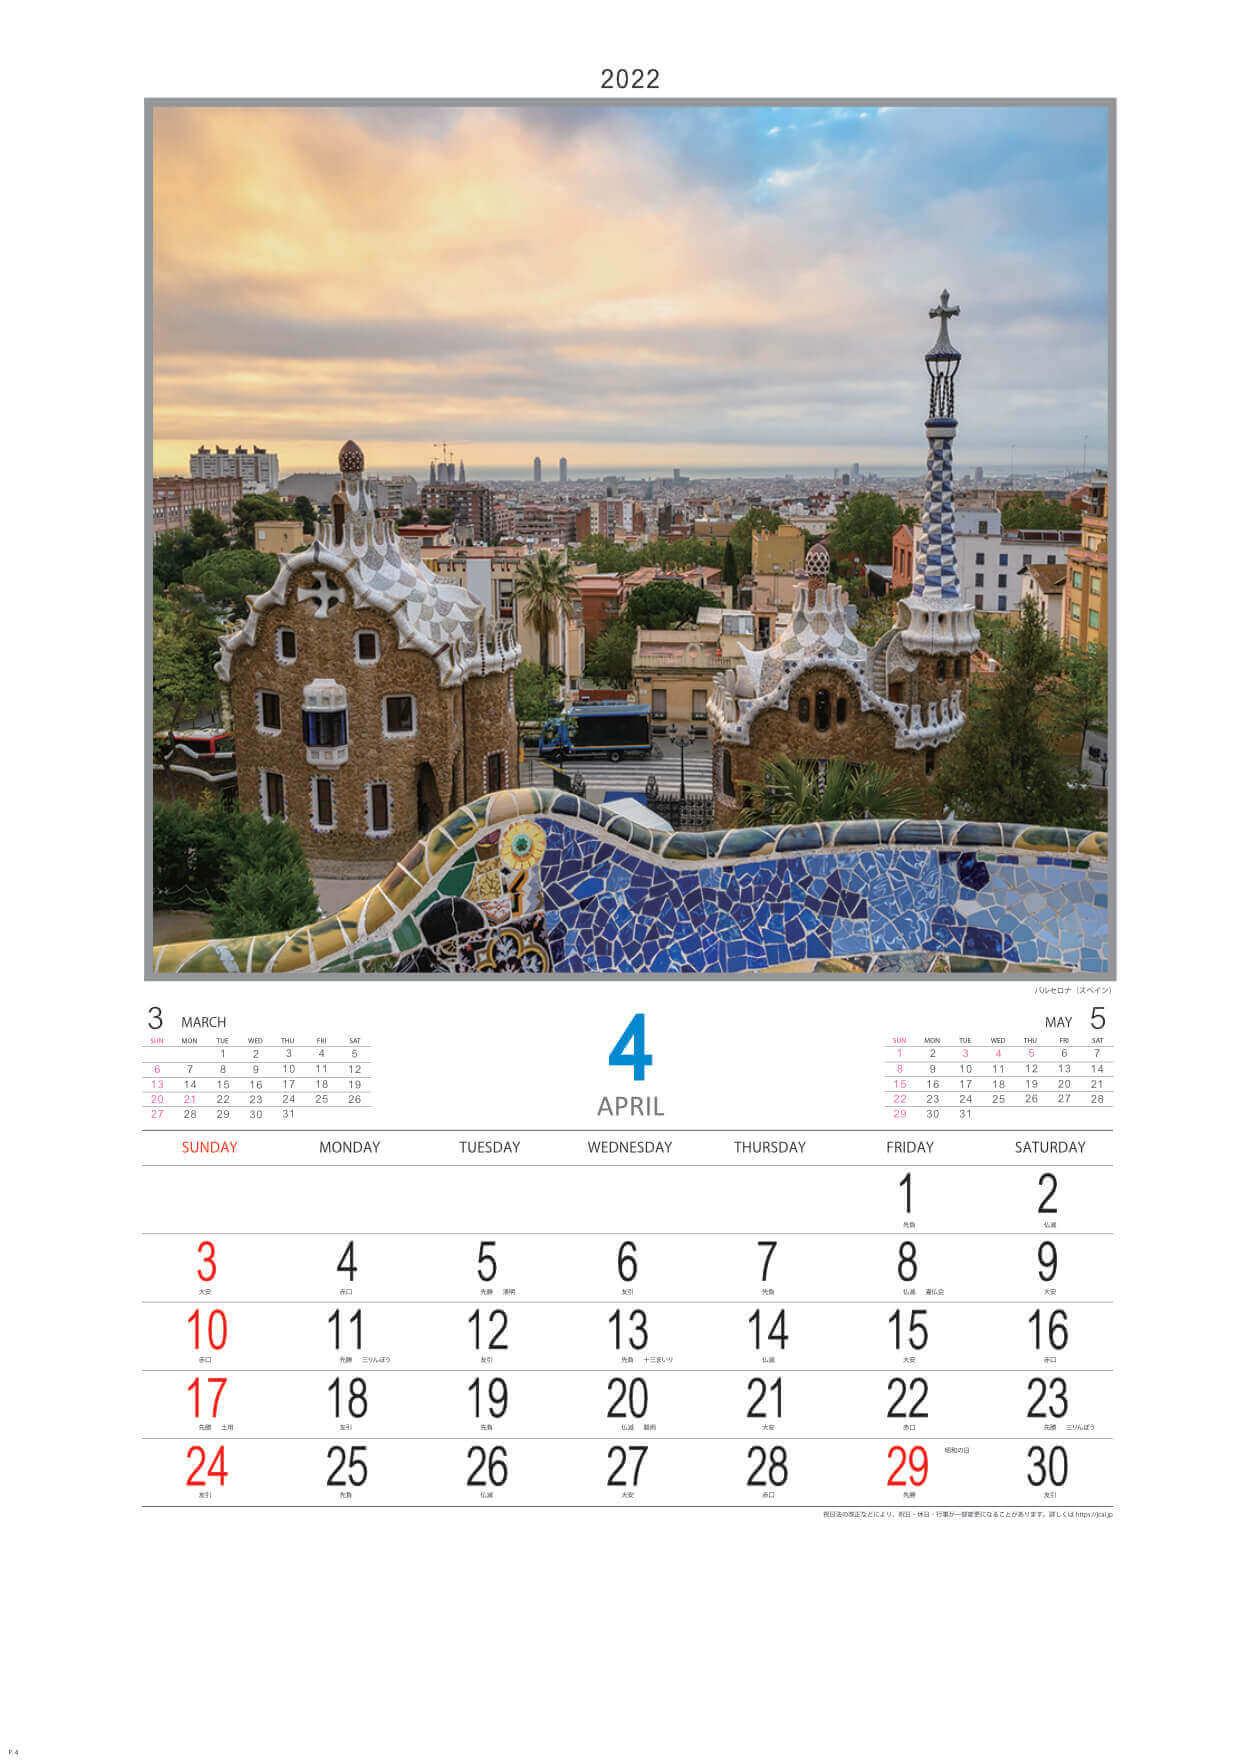 バルセロ(スペイン) ファンタジーワールド(A) 2022年カレンダーの画像